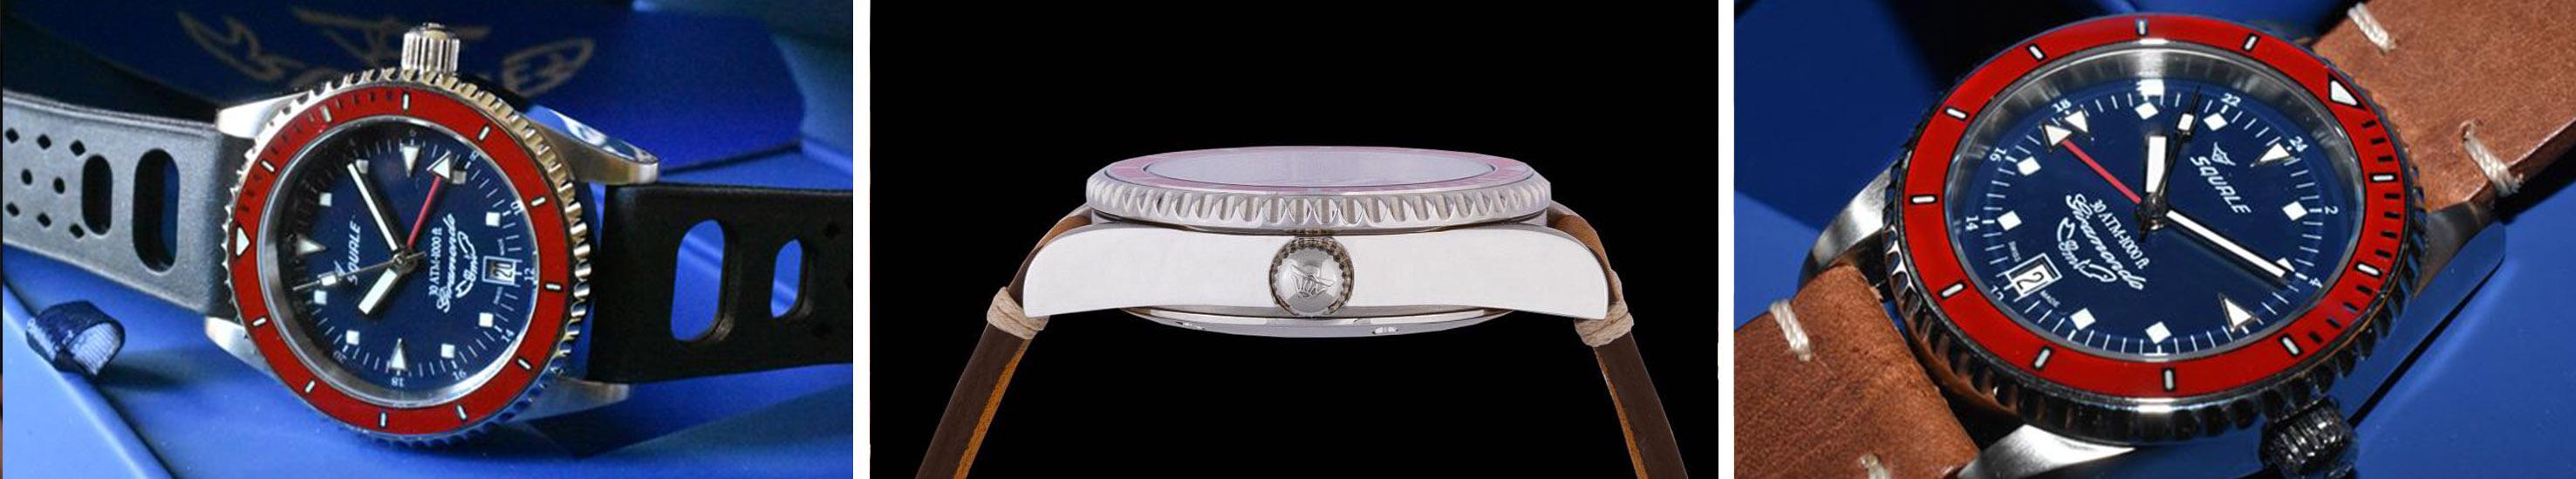 Squale Giramondo GMT Watchbandit Nachaufnahmen aus verschiedenen Winkeln